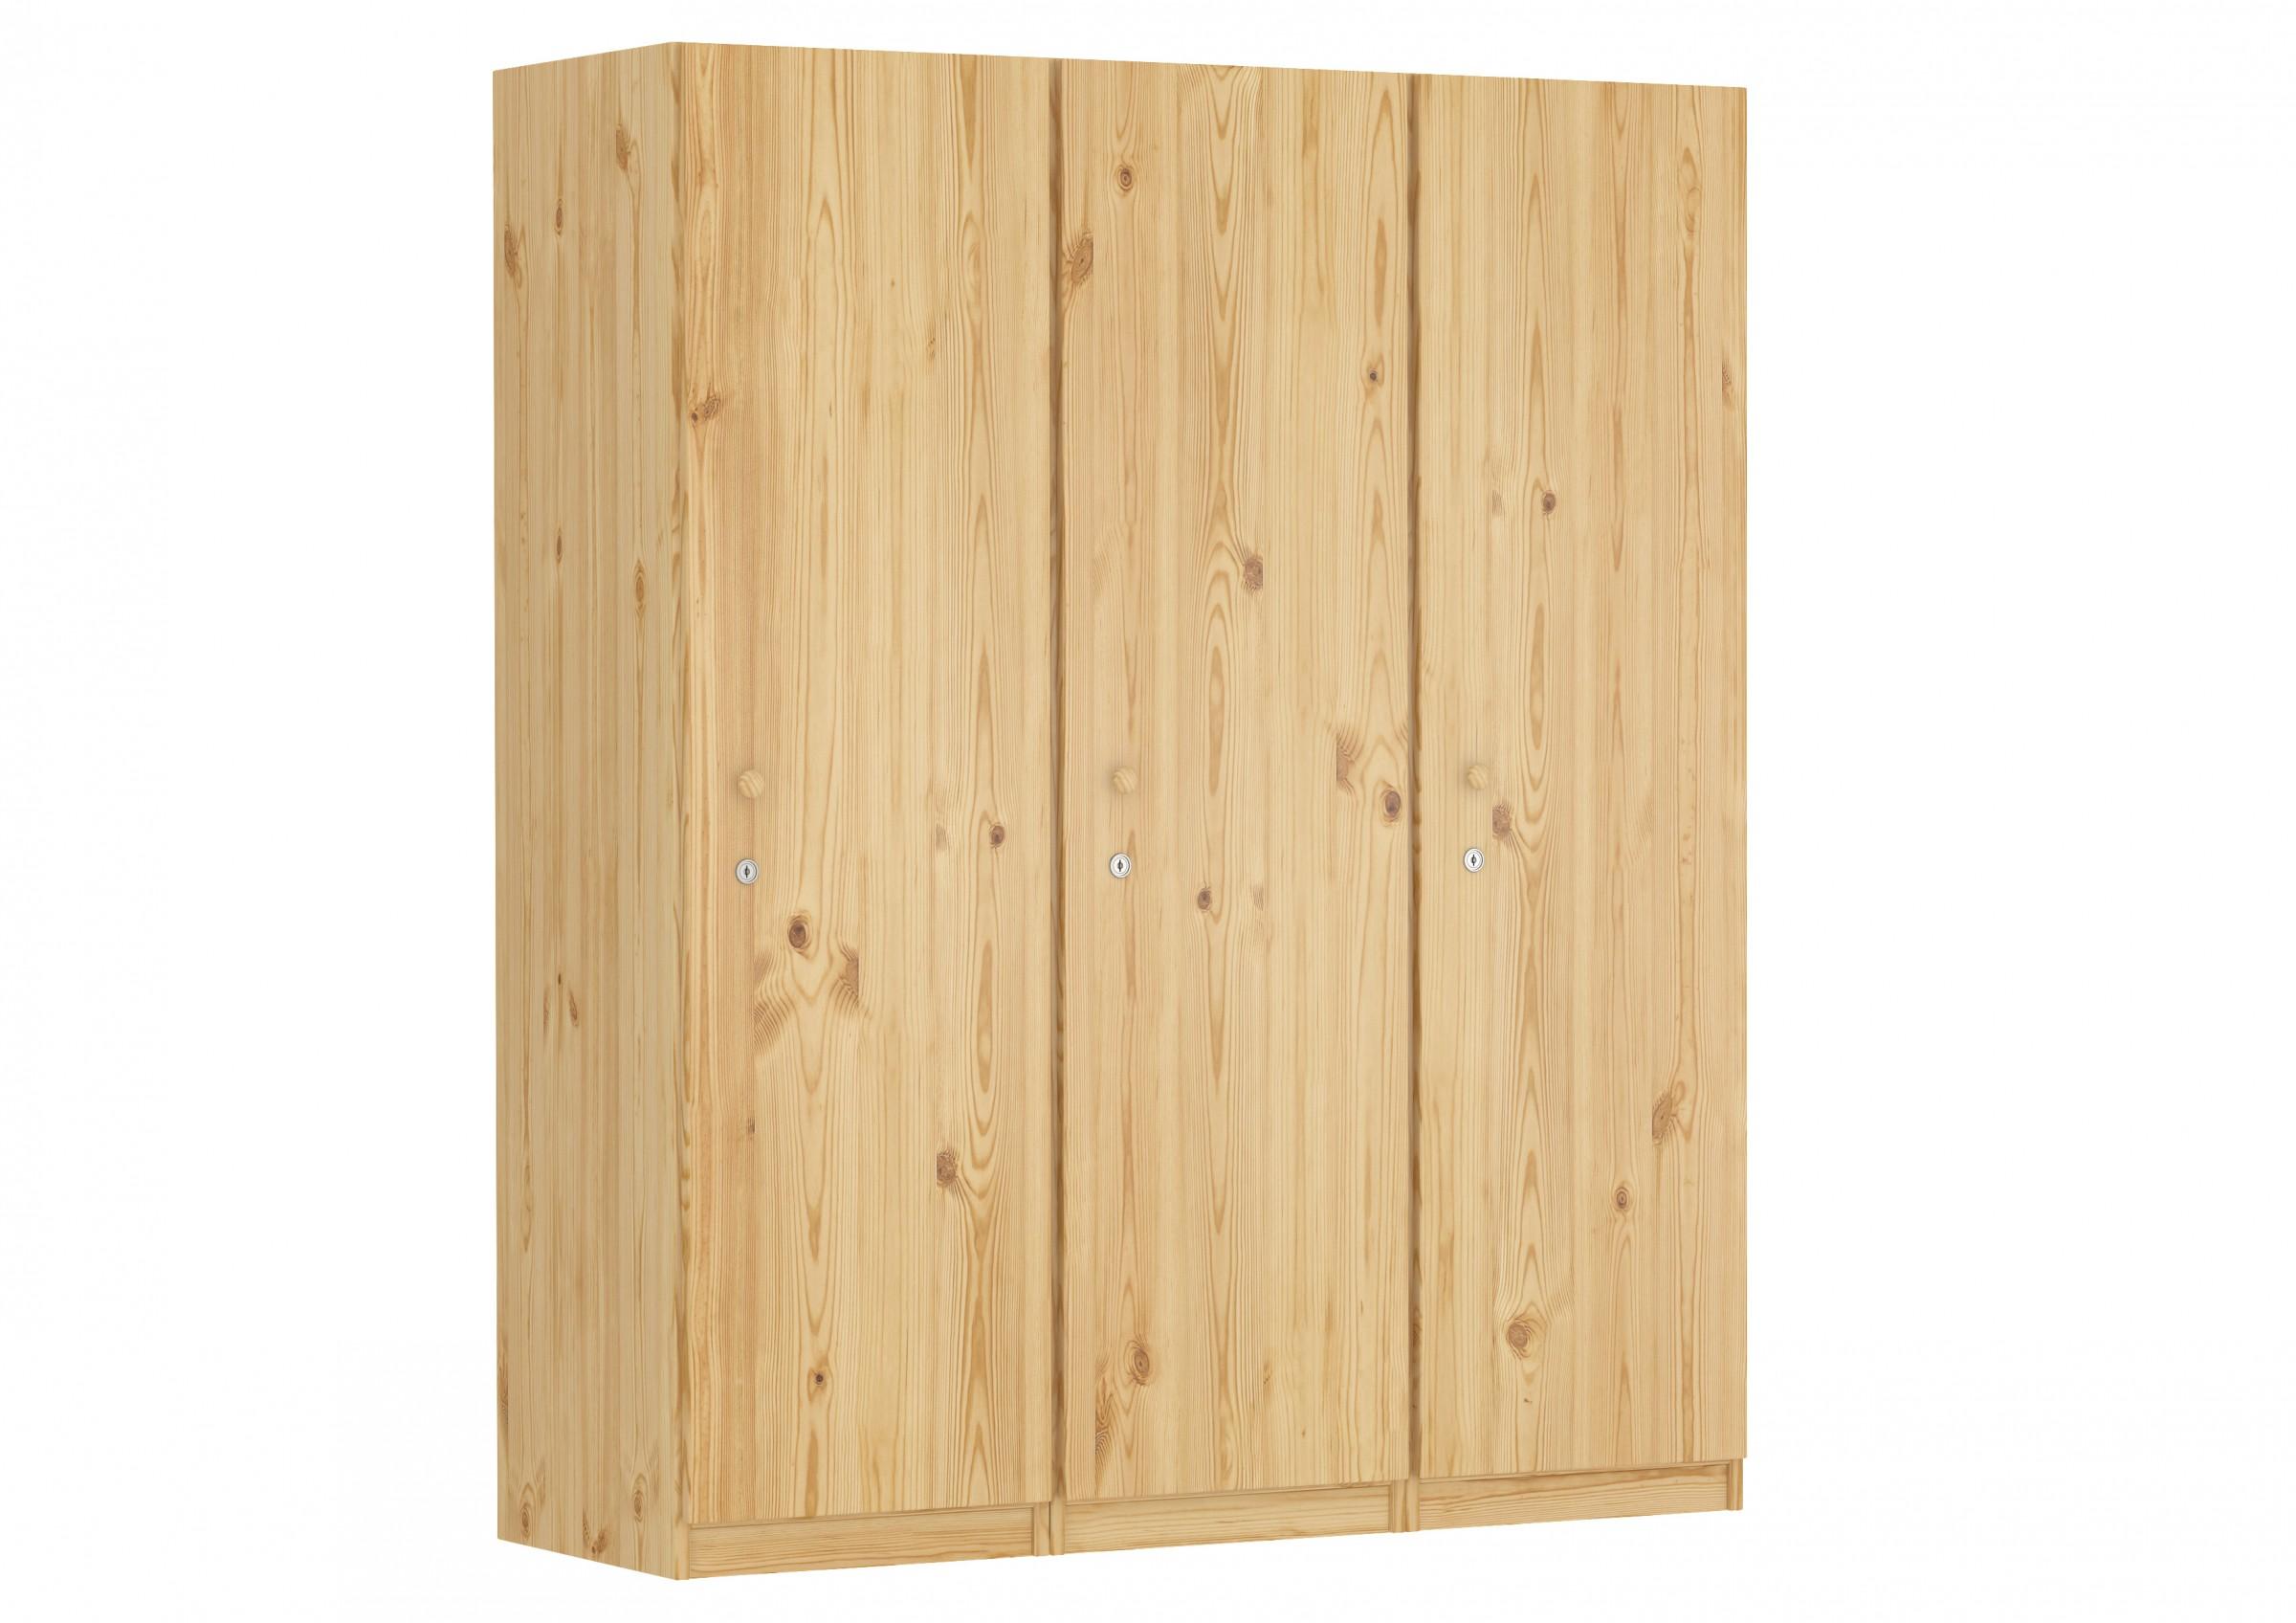 schrank spind kiefer massiv viele f cher und schloss. Black Bedroom Furniture Sets. Home Design Ideas